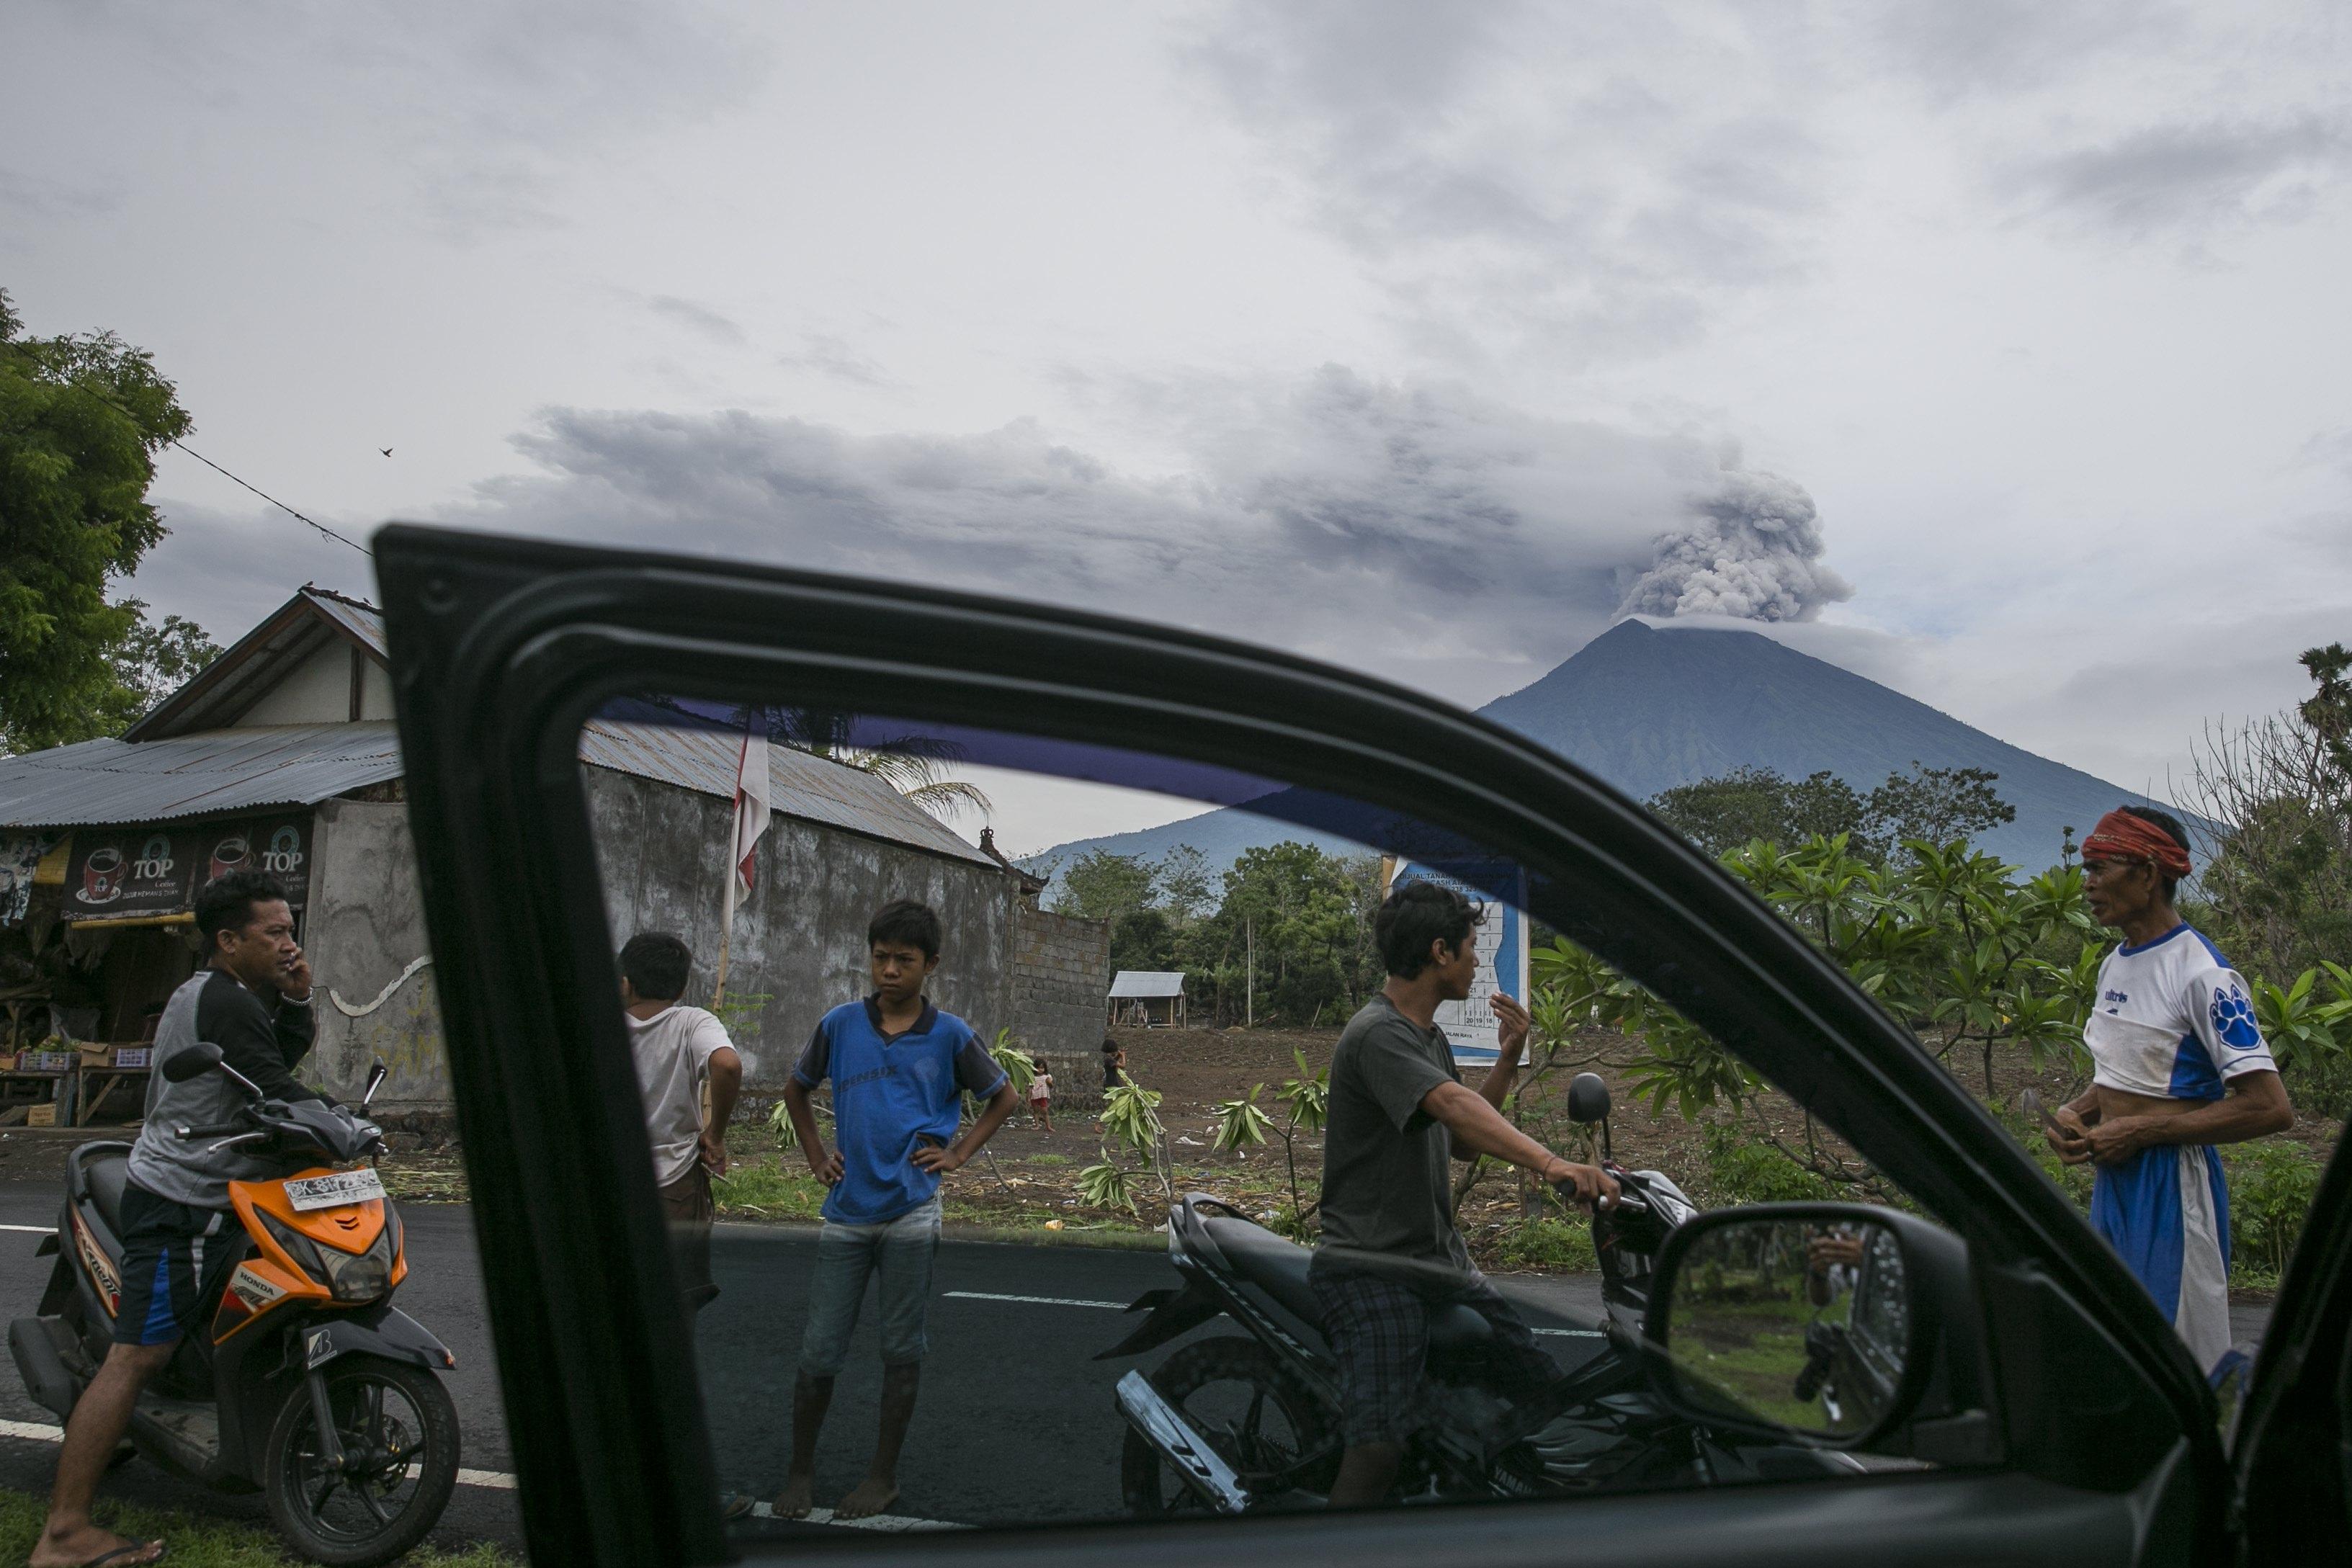 Mount Agung Eruption in Bali, Indonesia